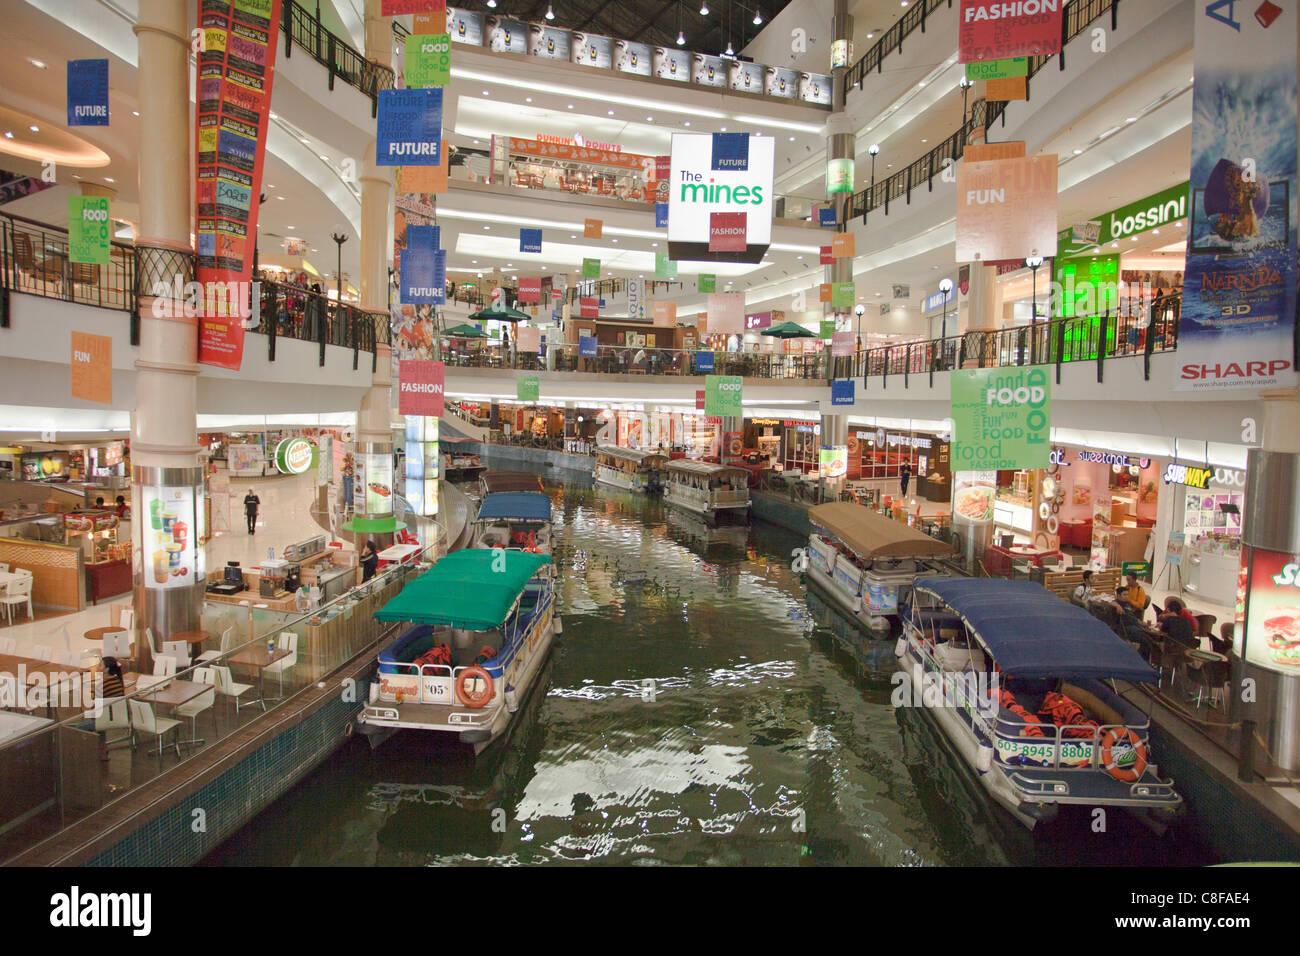 Malaysia, Asia, Kuala Lumpur, shopping centre, river, flow, buy, shopping, shops, dealings, Food, shops, shopping - Stock Image